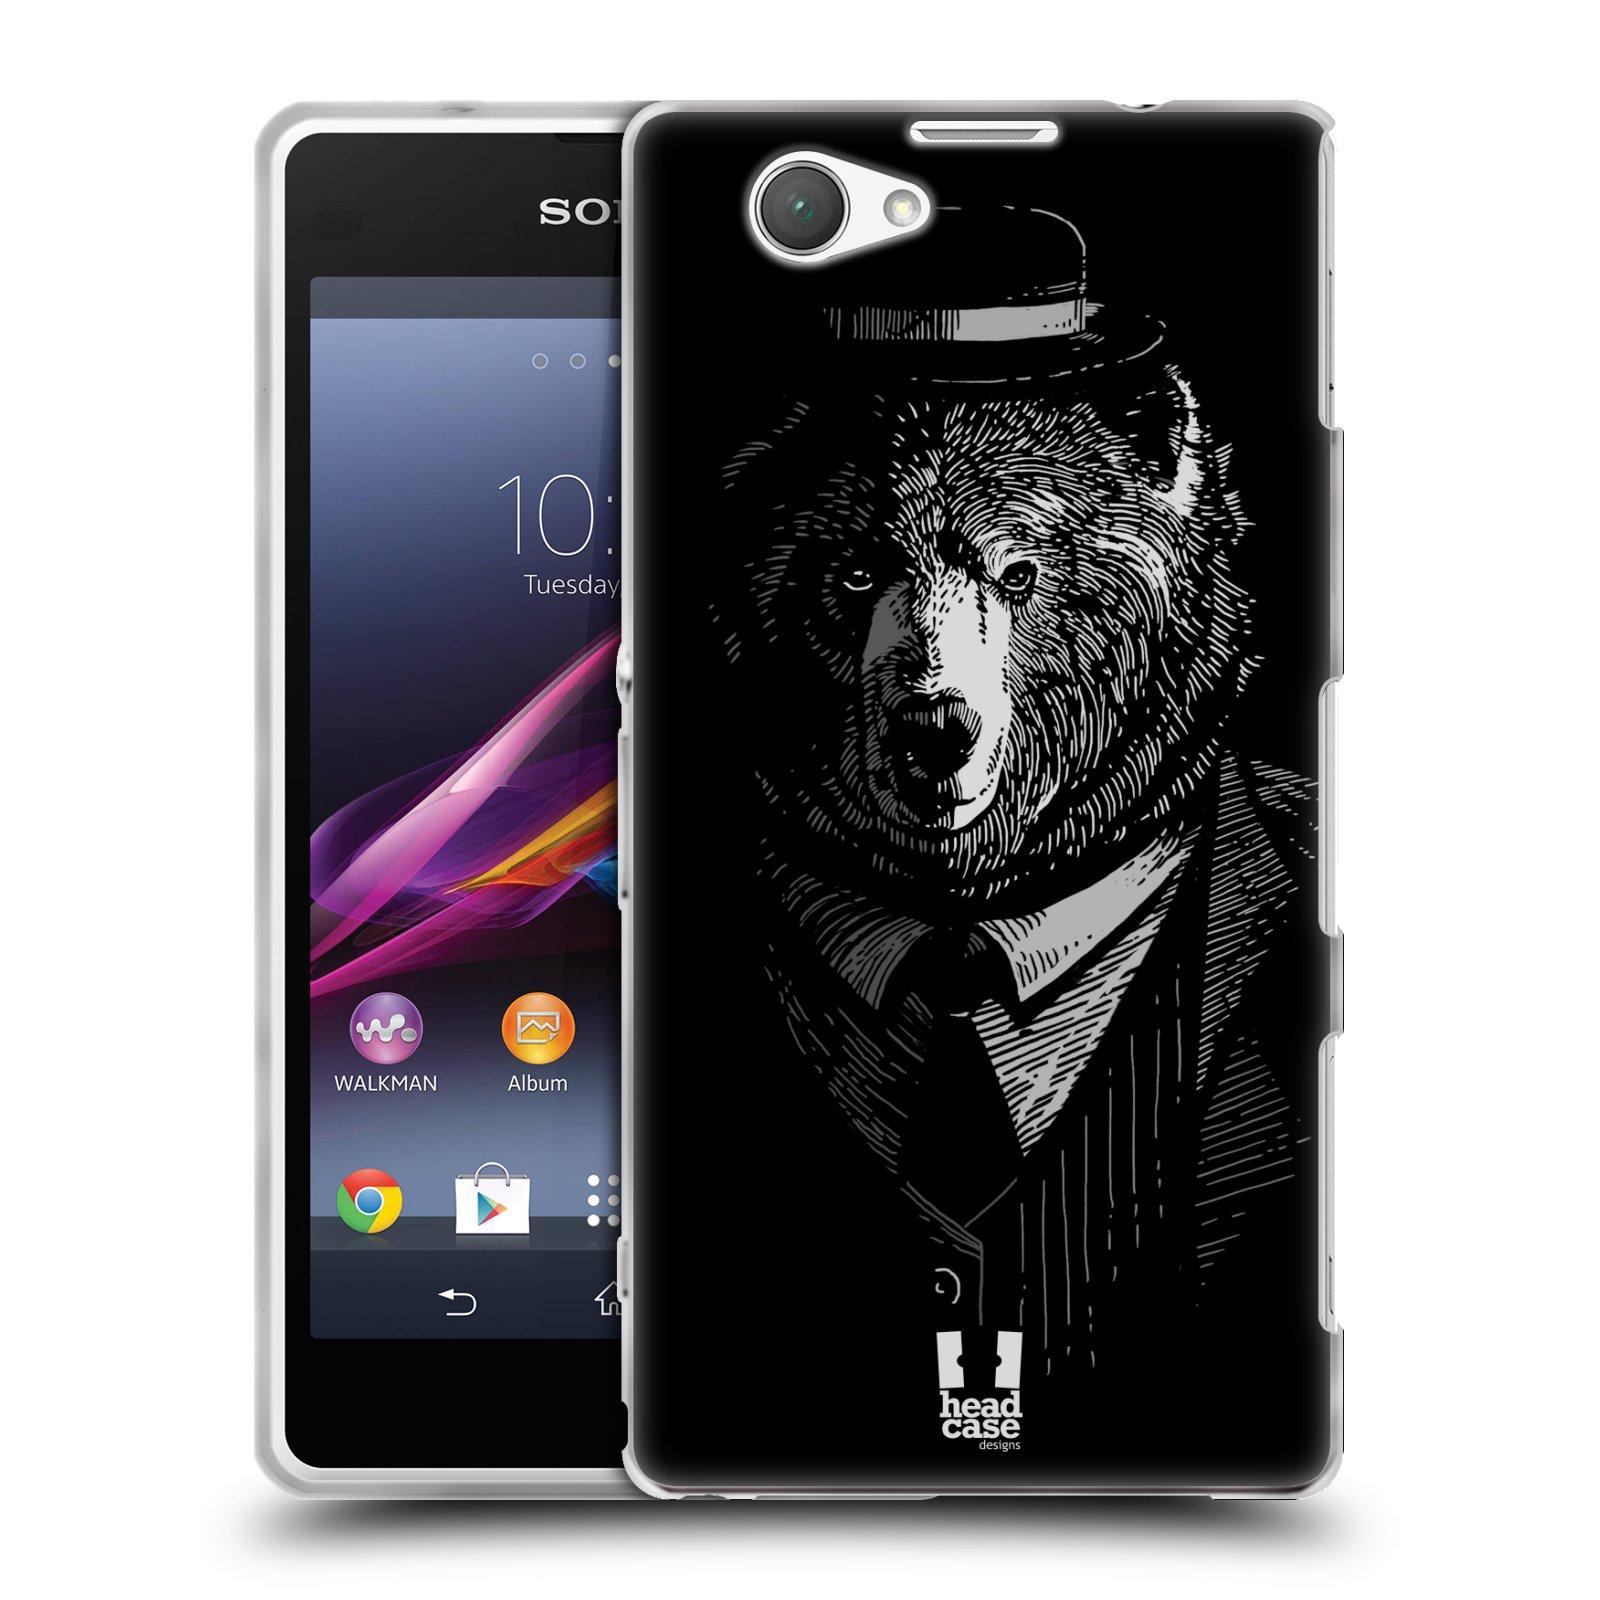 Silikonové pouzdro na mobil Sony Xperia Z1 Compact D5503 HEAD CASE MEDVĚD V KVÁDRU (Silikonový kryt či obal na mobilní telefon Sony Xperia Z1 Compact)